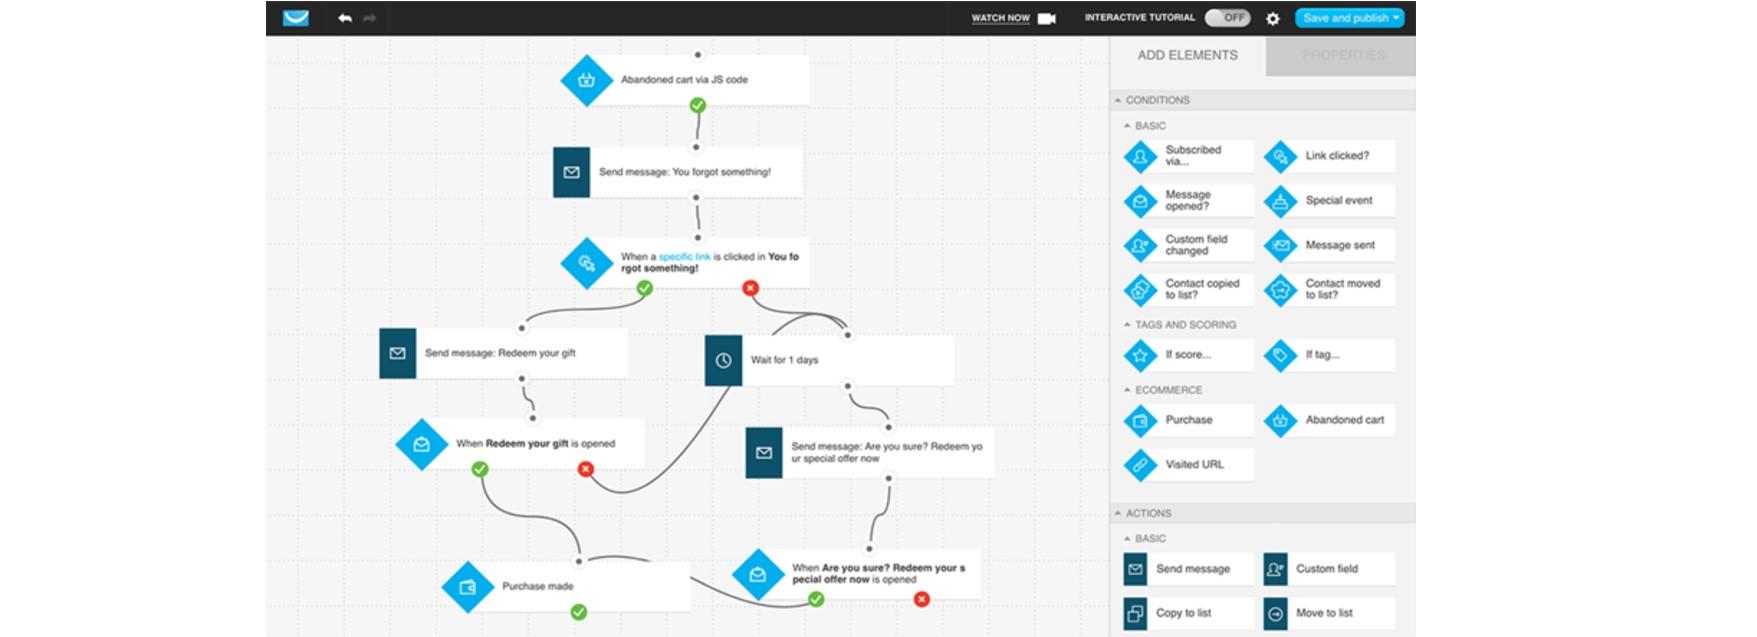 Screenshot of GetResponse flowchart